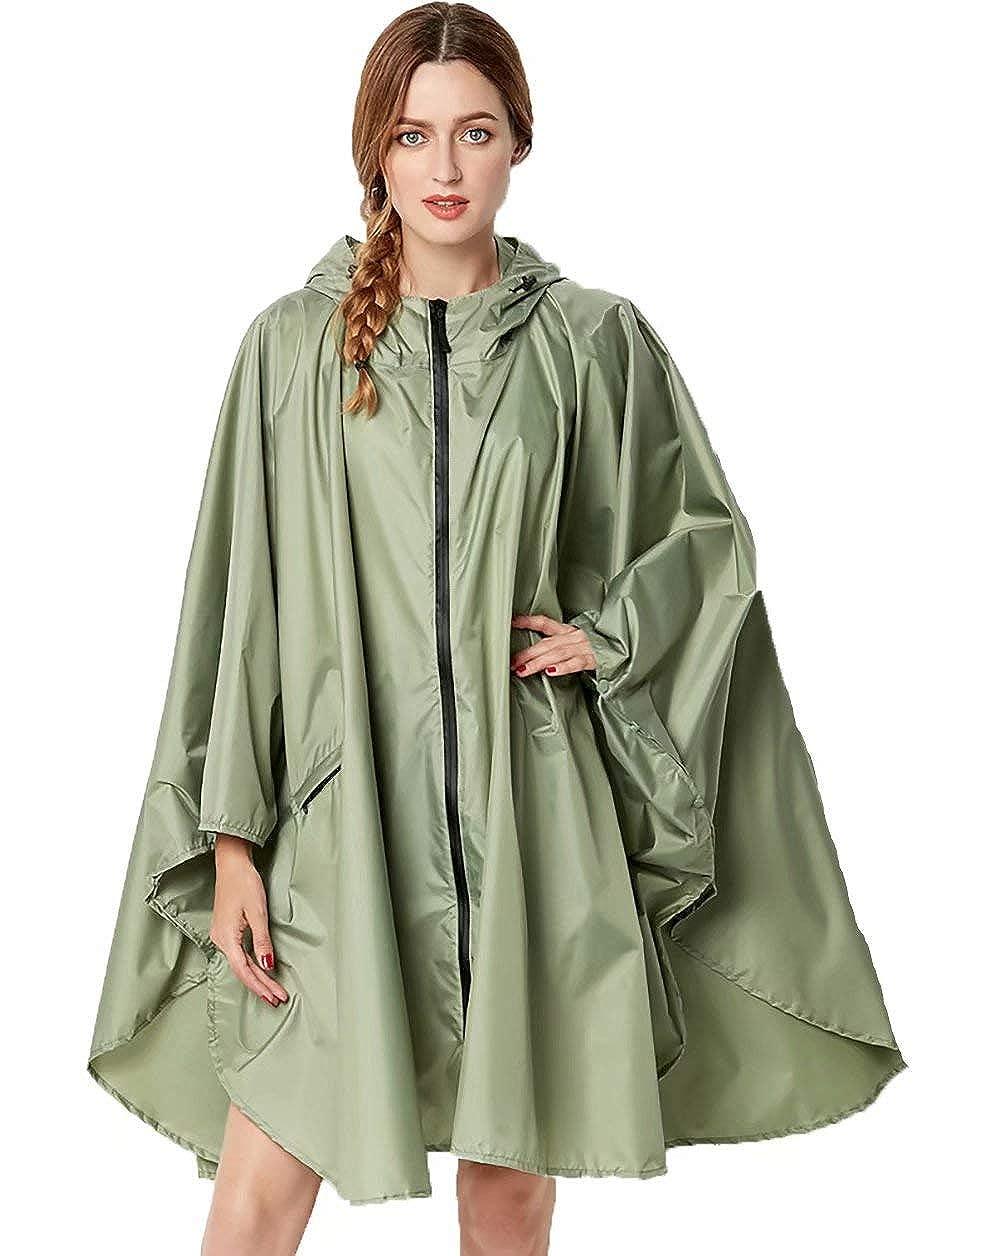 NUUR Damen Regenponcho Jacke Wasserdicht Leicht Wiederverwendbar Wandern Regenmantel Jacke mit Kapuze